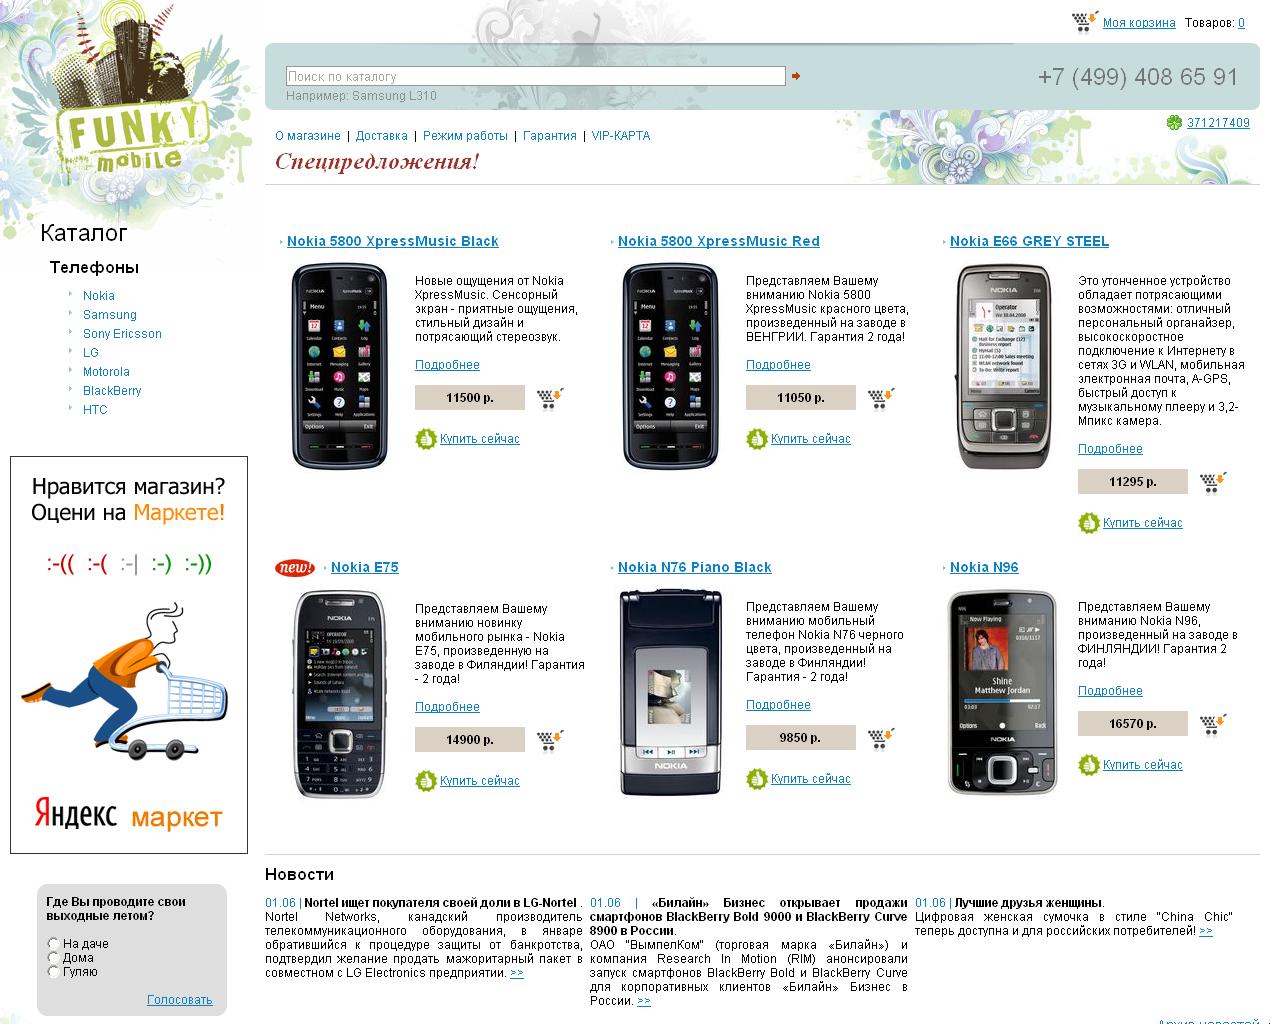 Яндекс Маркет Интернет Магазин Белгород Телефон